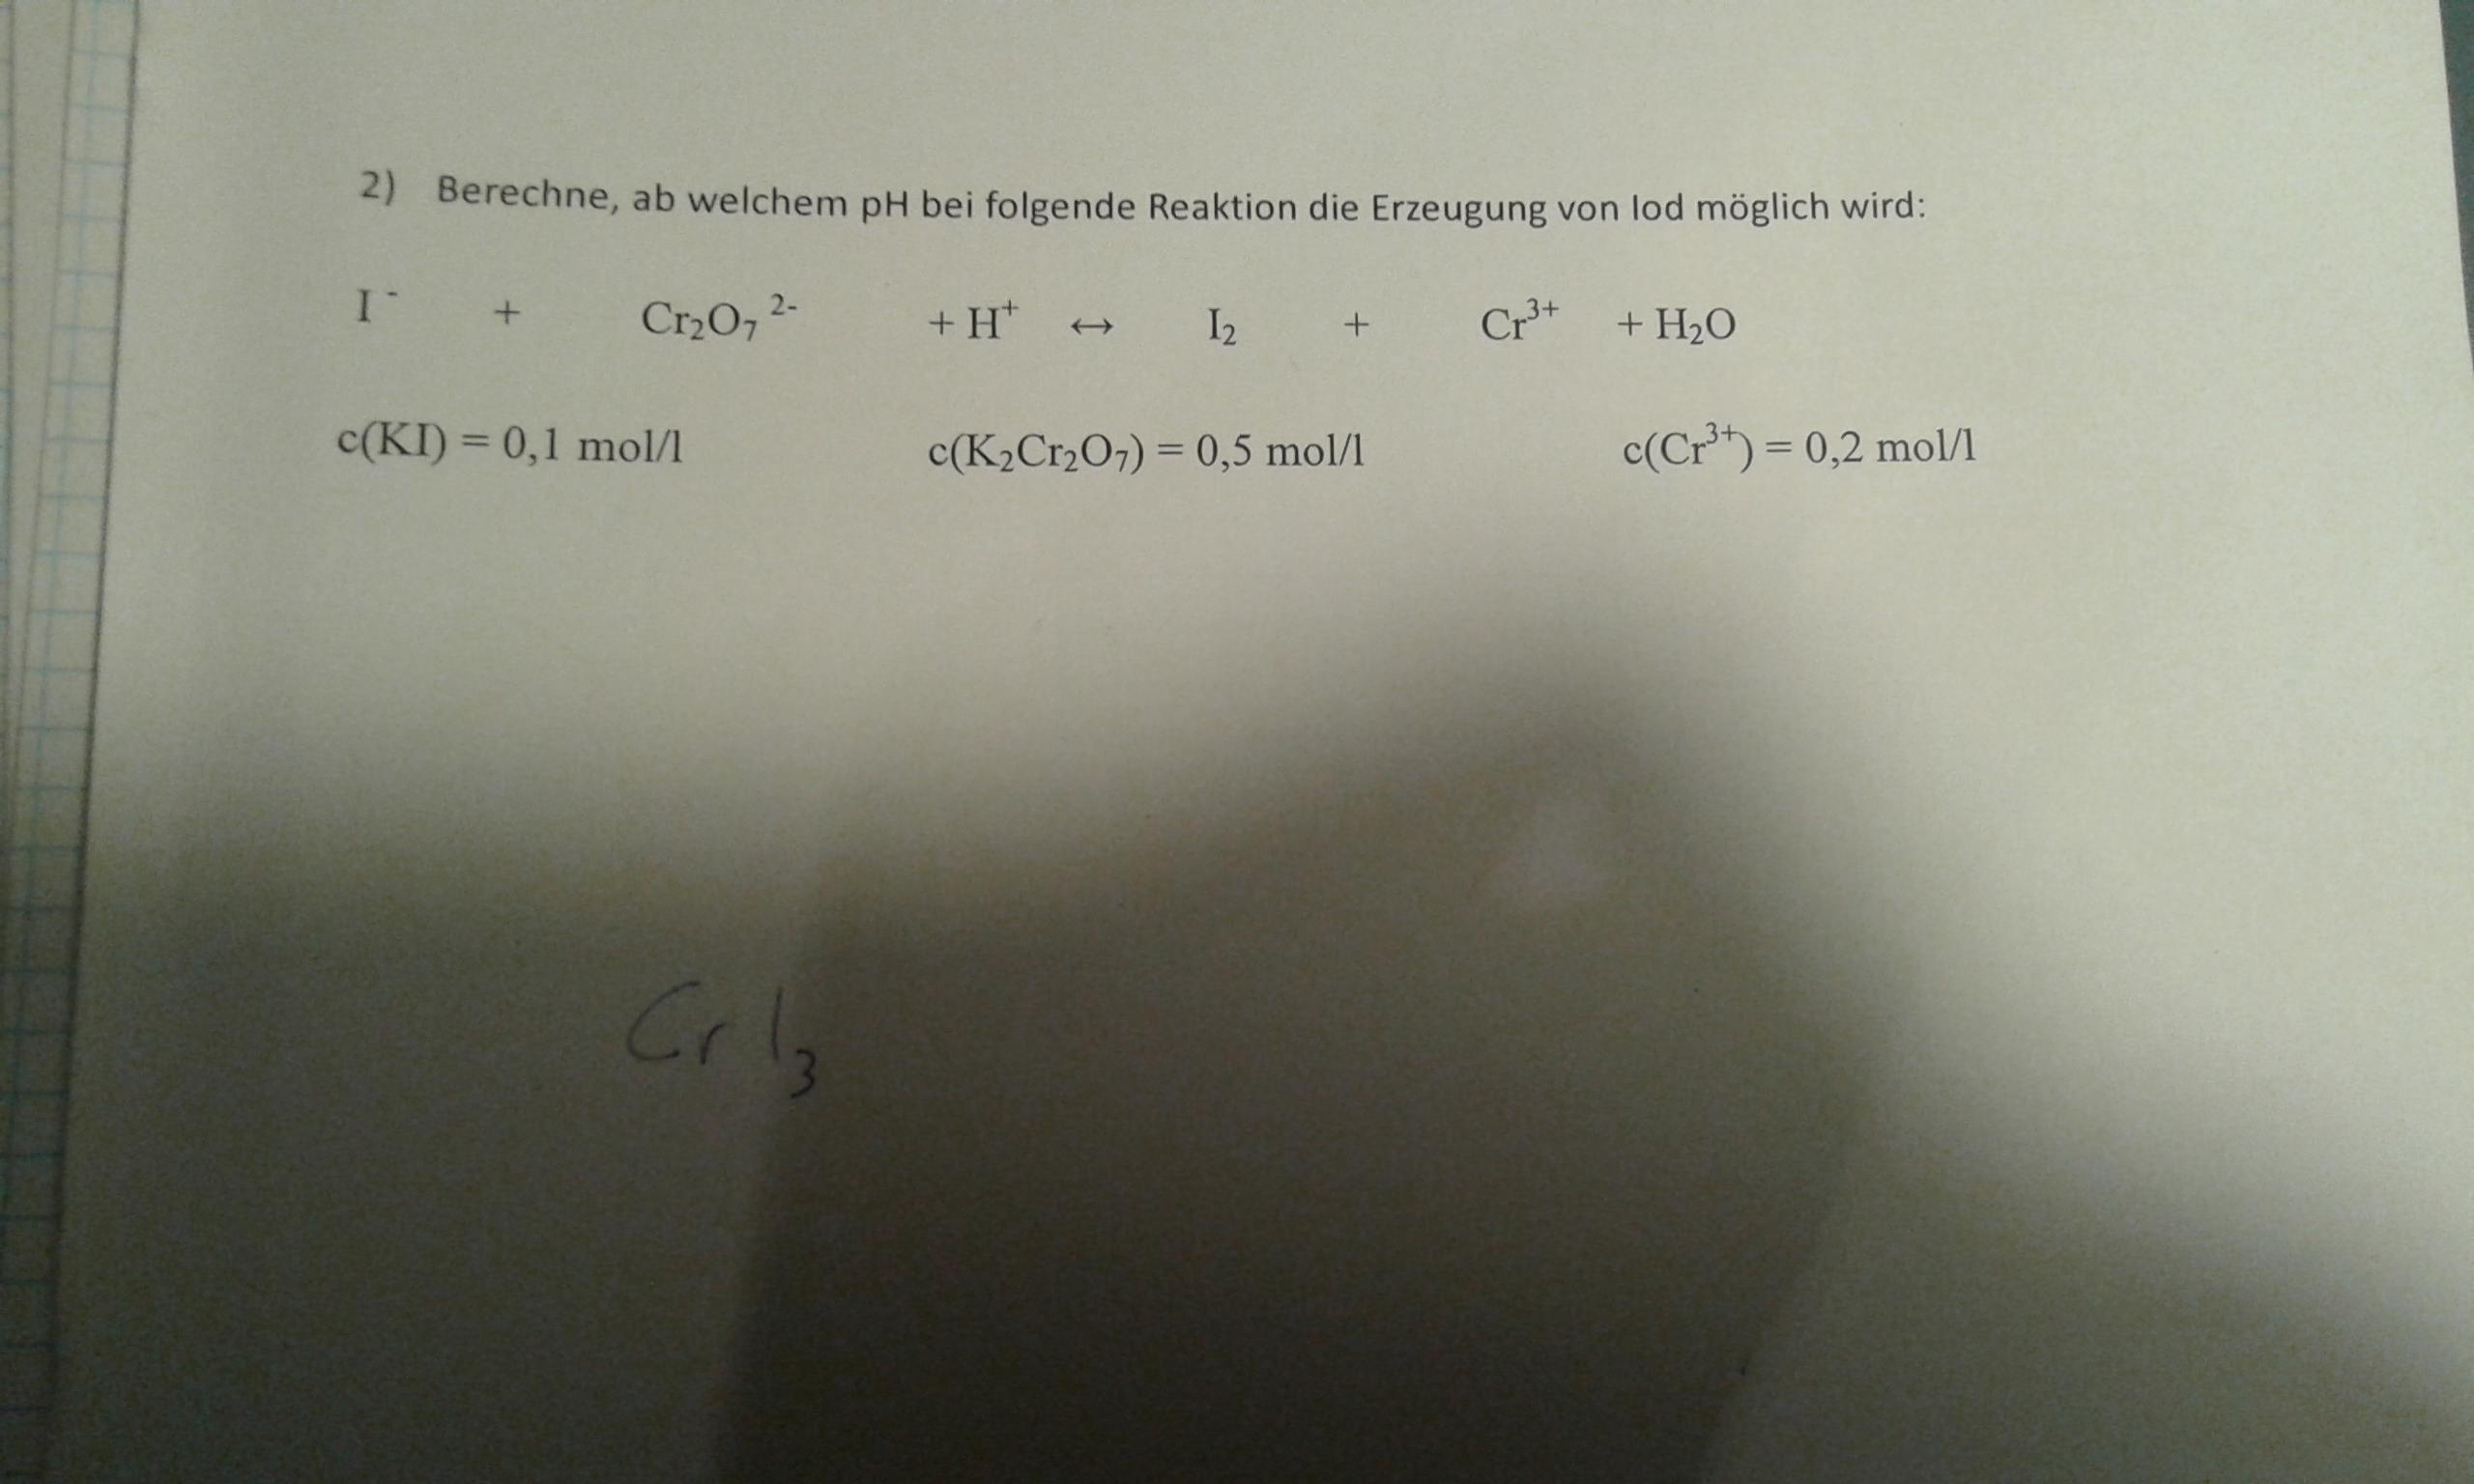 Chemie: Verstehe Rechnung nicht? (Schule, Noten, Aufgabe)